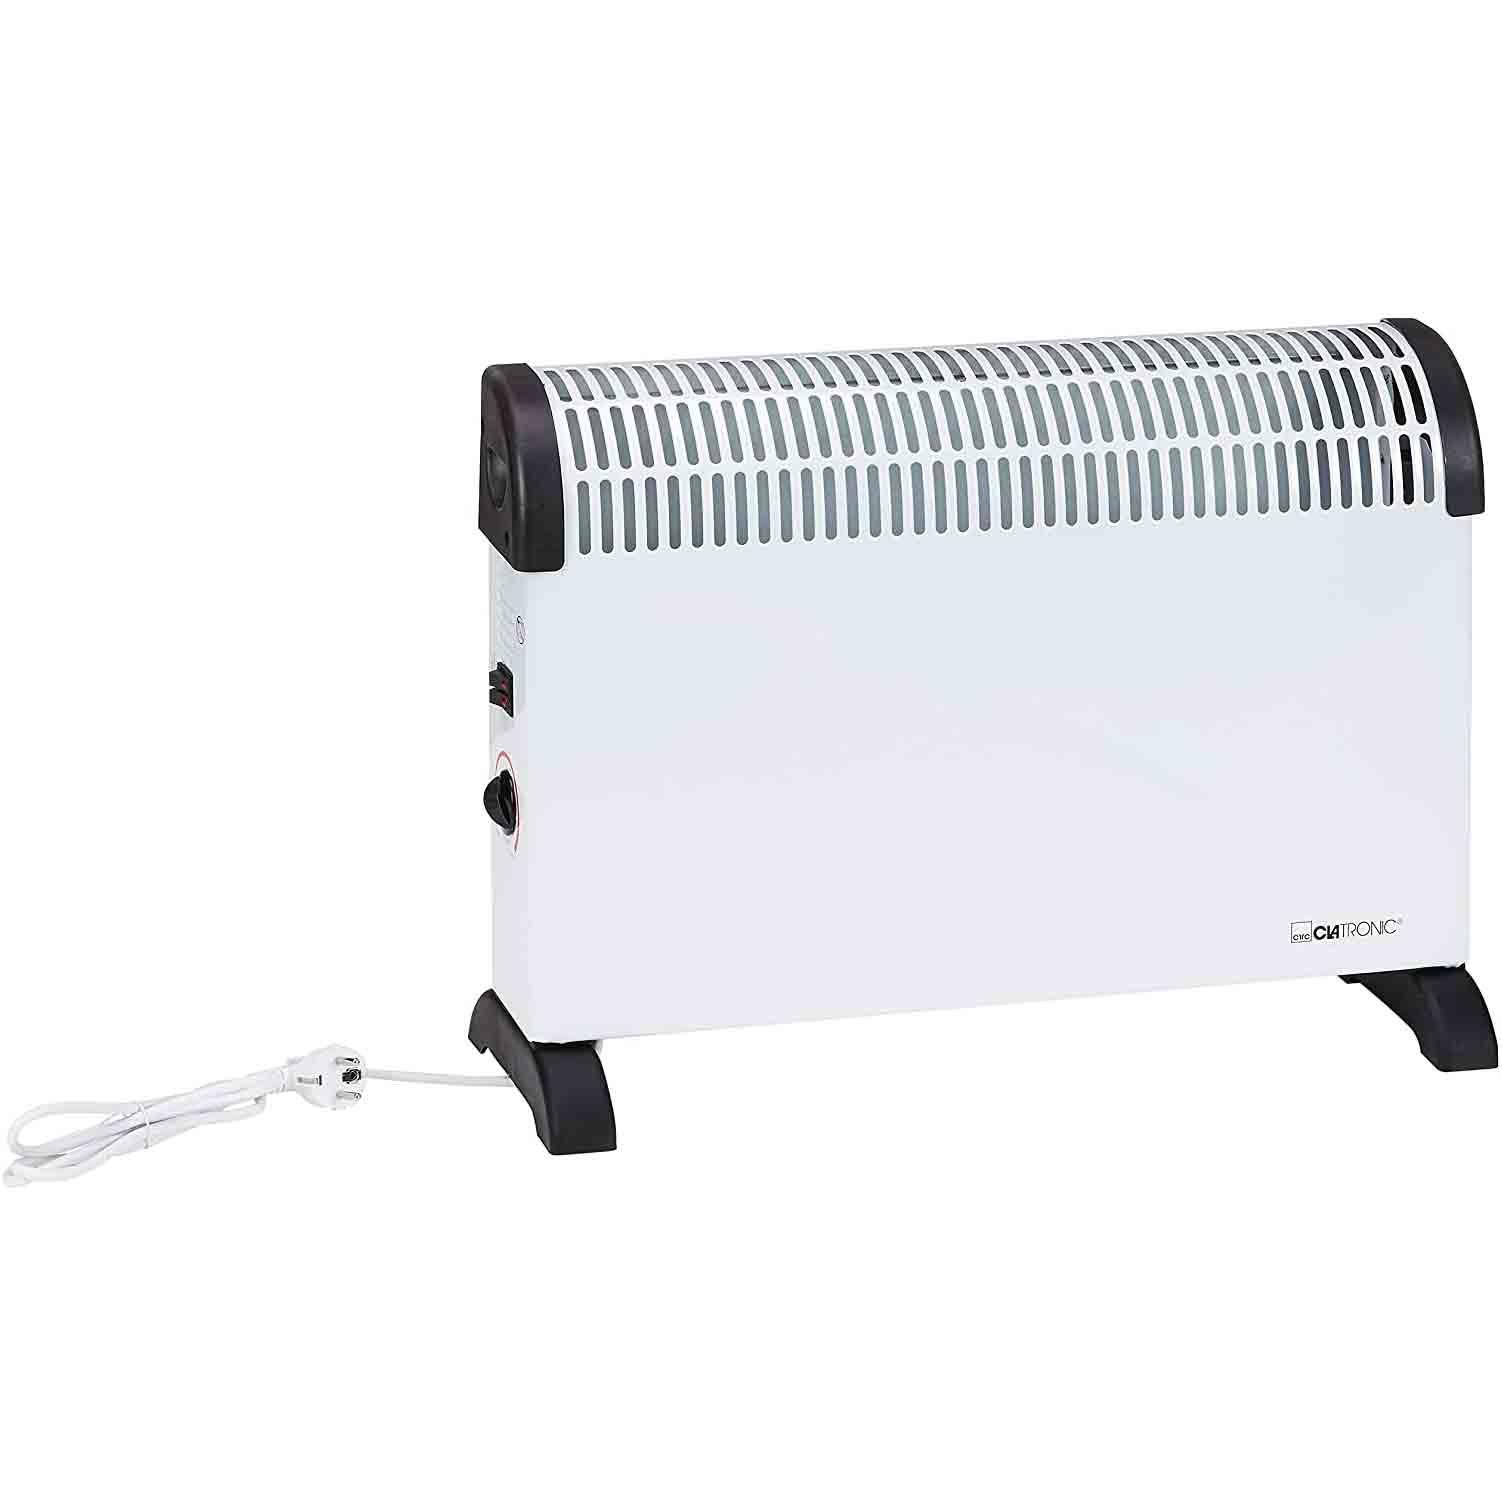 Estufa con termostato regulable Clatronic KH 3077